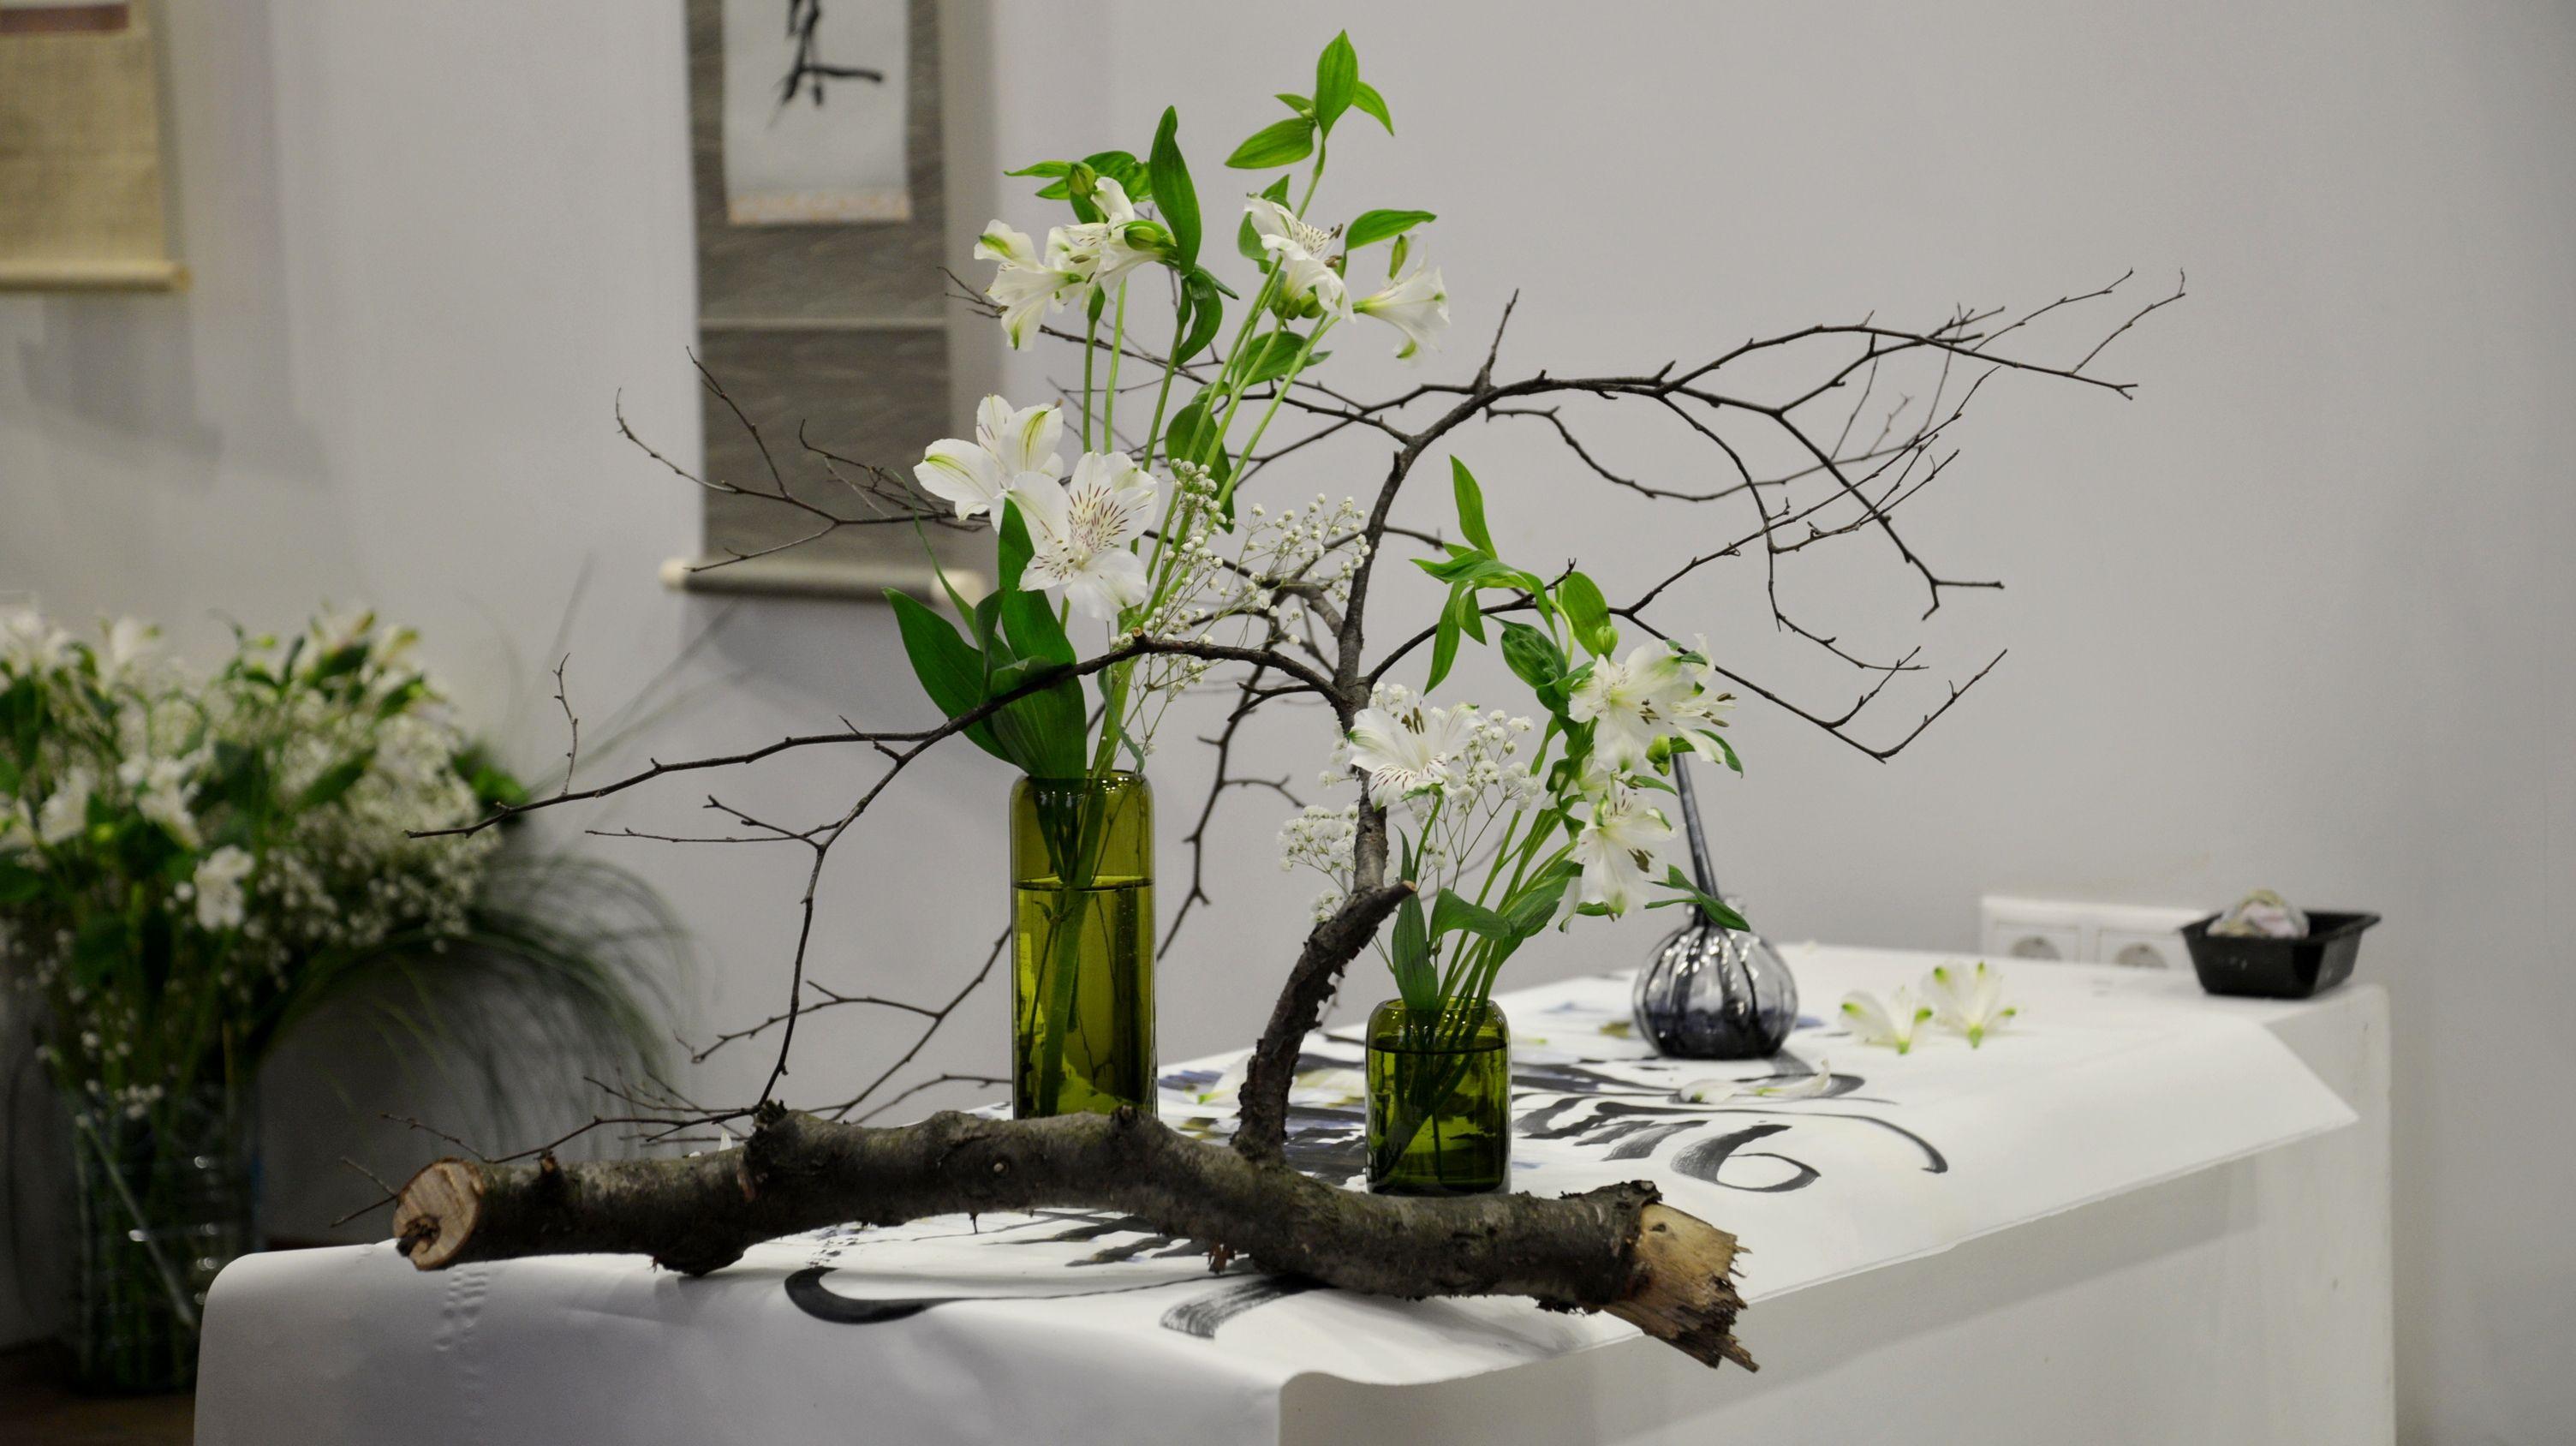 «Писать душой, писать разумом» – в Музейно-выставочном комплексе ВГУЭС состоялось открытие выставки «Тушь, бумага, лепестки»